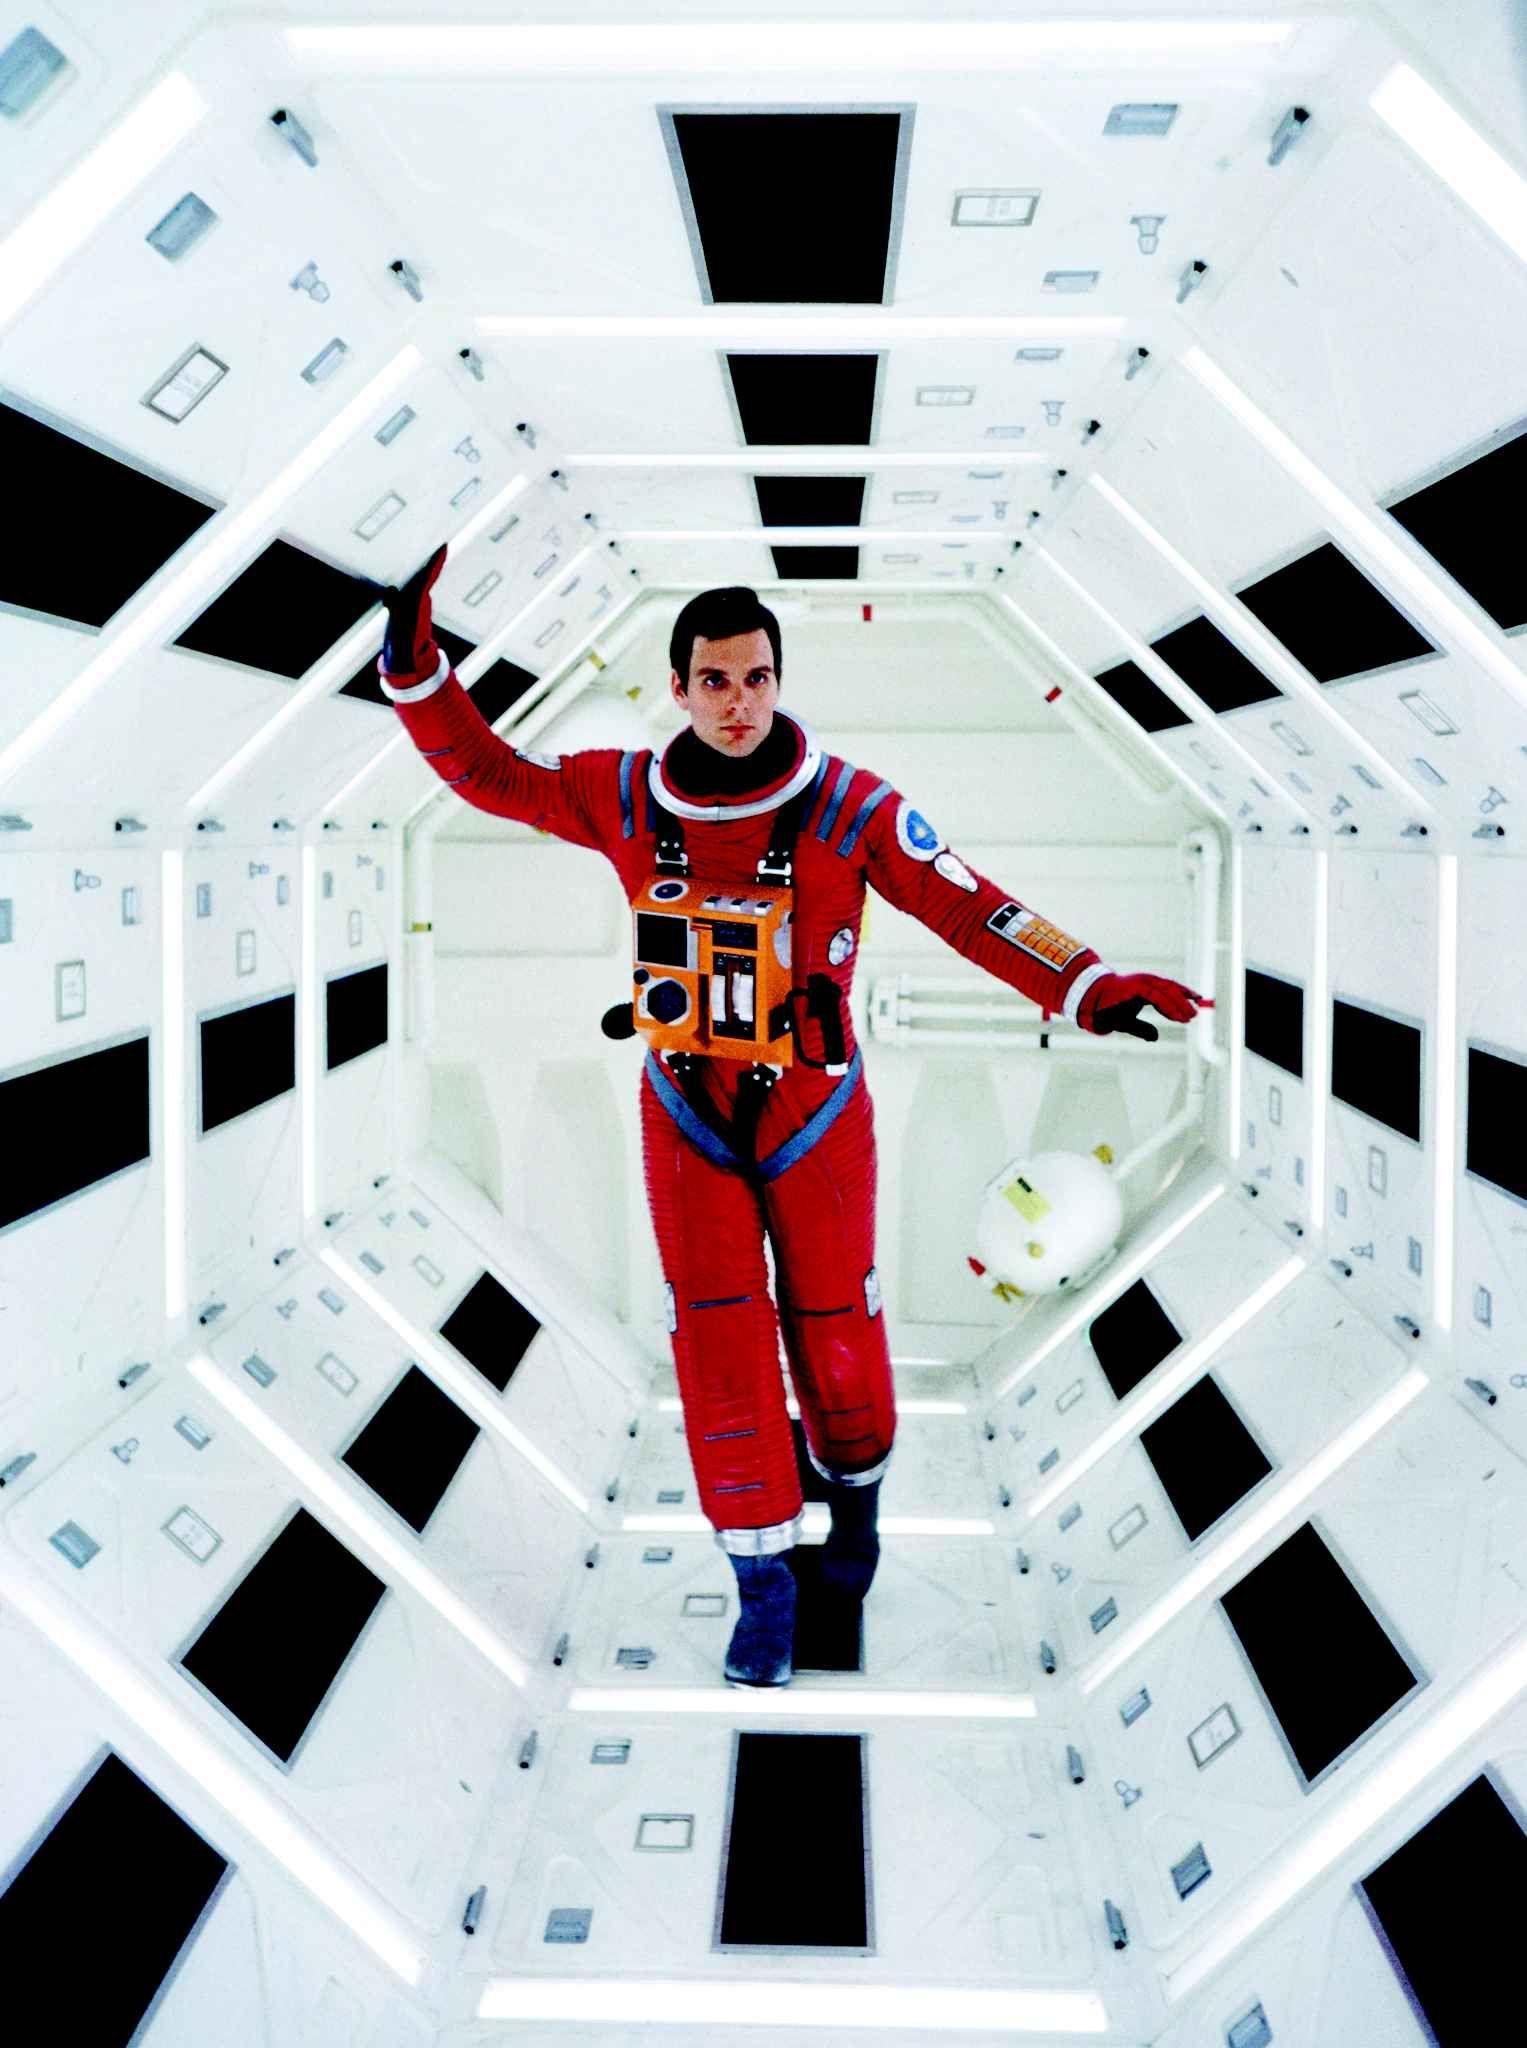 Diapo Dans Les Coulisses De 2001 L Odyssee De L Espace Stanley Kubrick Odyssee Cinematographie